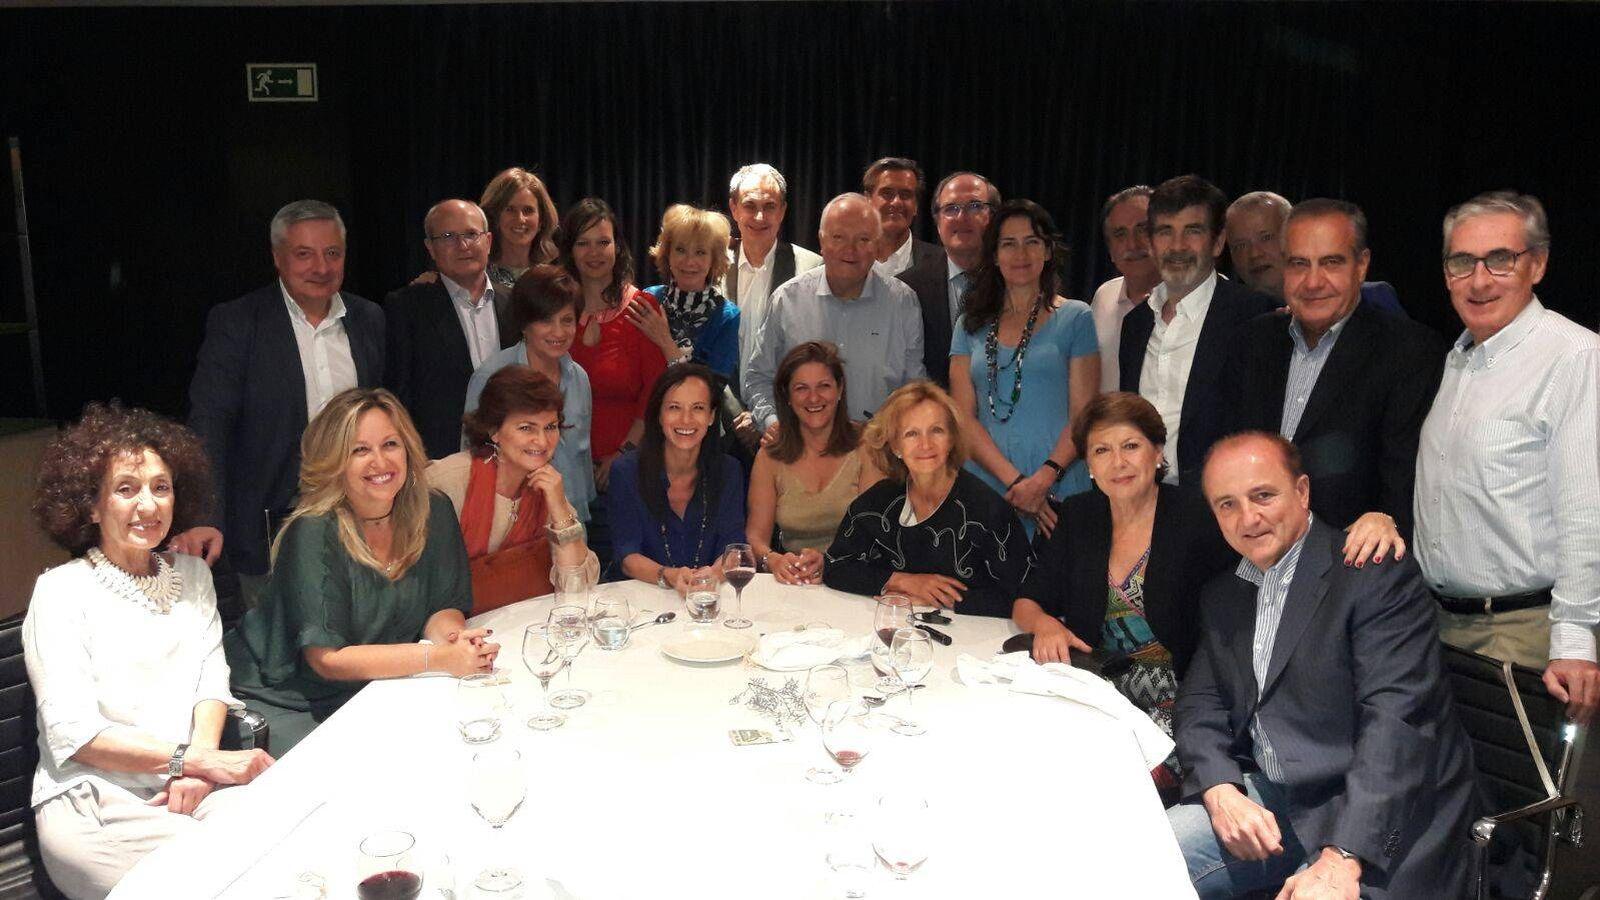 Foto: José Luis Rodríguez Zapatero, rodeado de varios de sus ministros de la primera y la segunda legislatura, durante la cena en el hotel AC Cuzco, este 9 de junio. (EC)